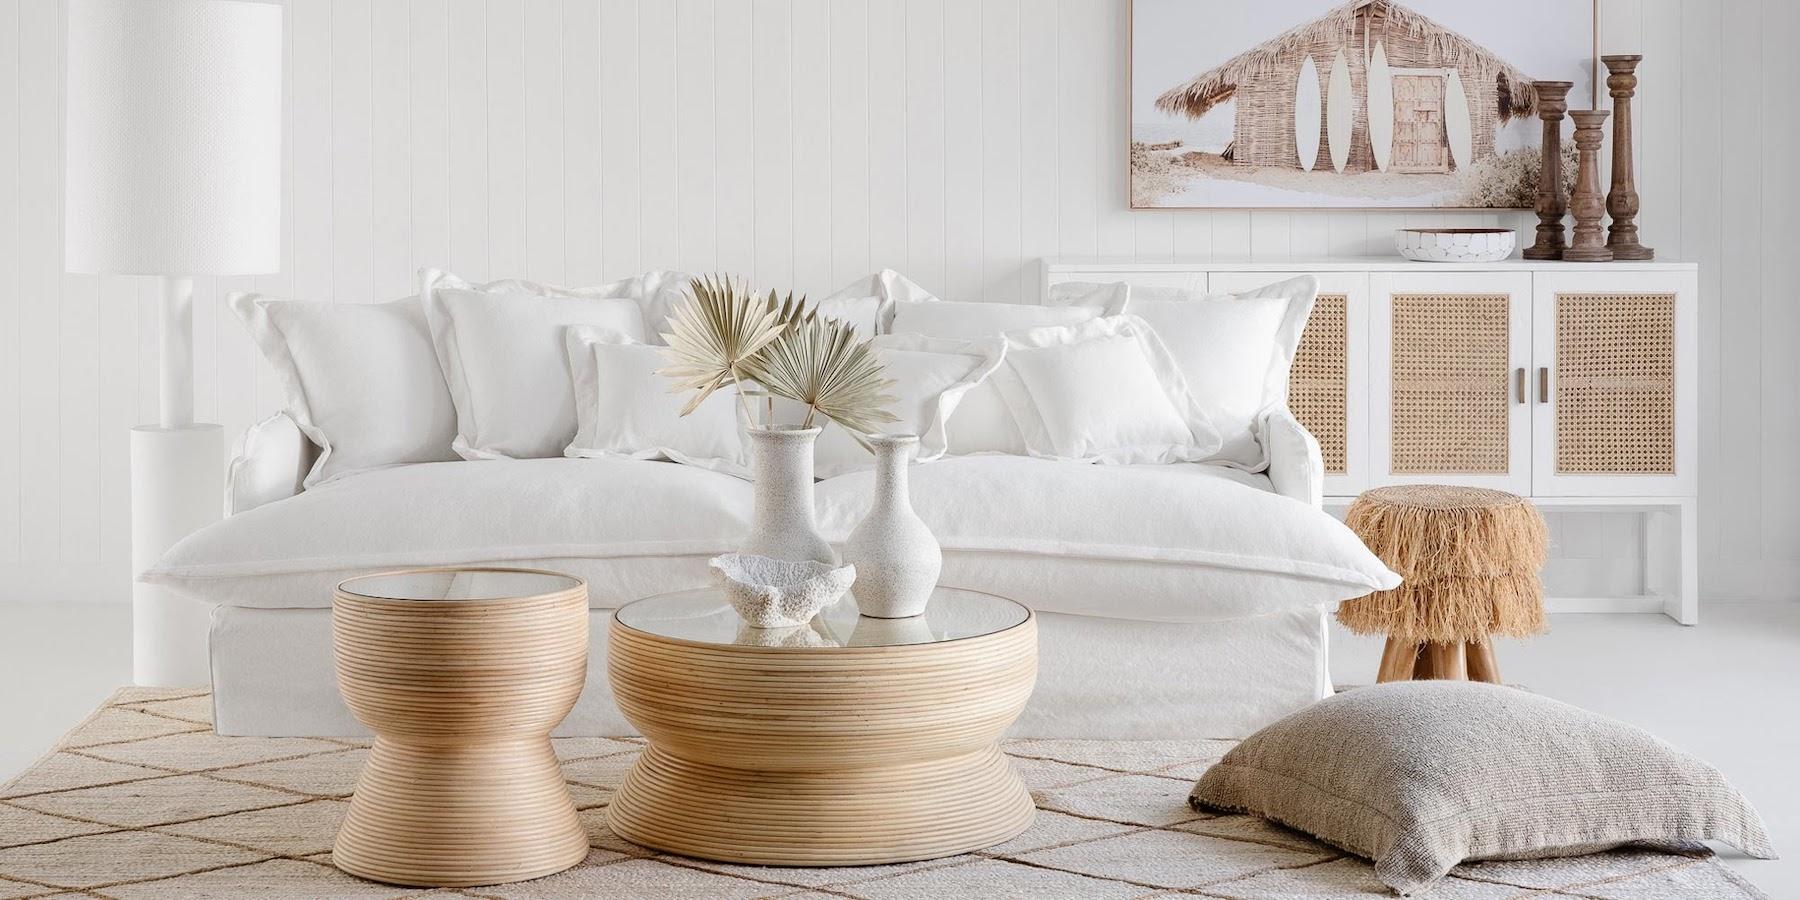 OZ Design Furniture to undergo new digital transformation journey via UnDigital